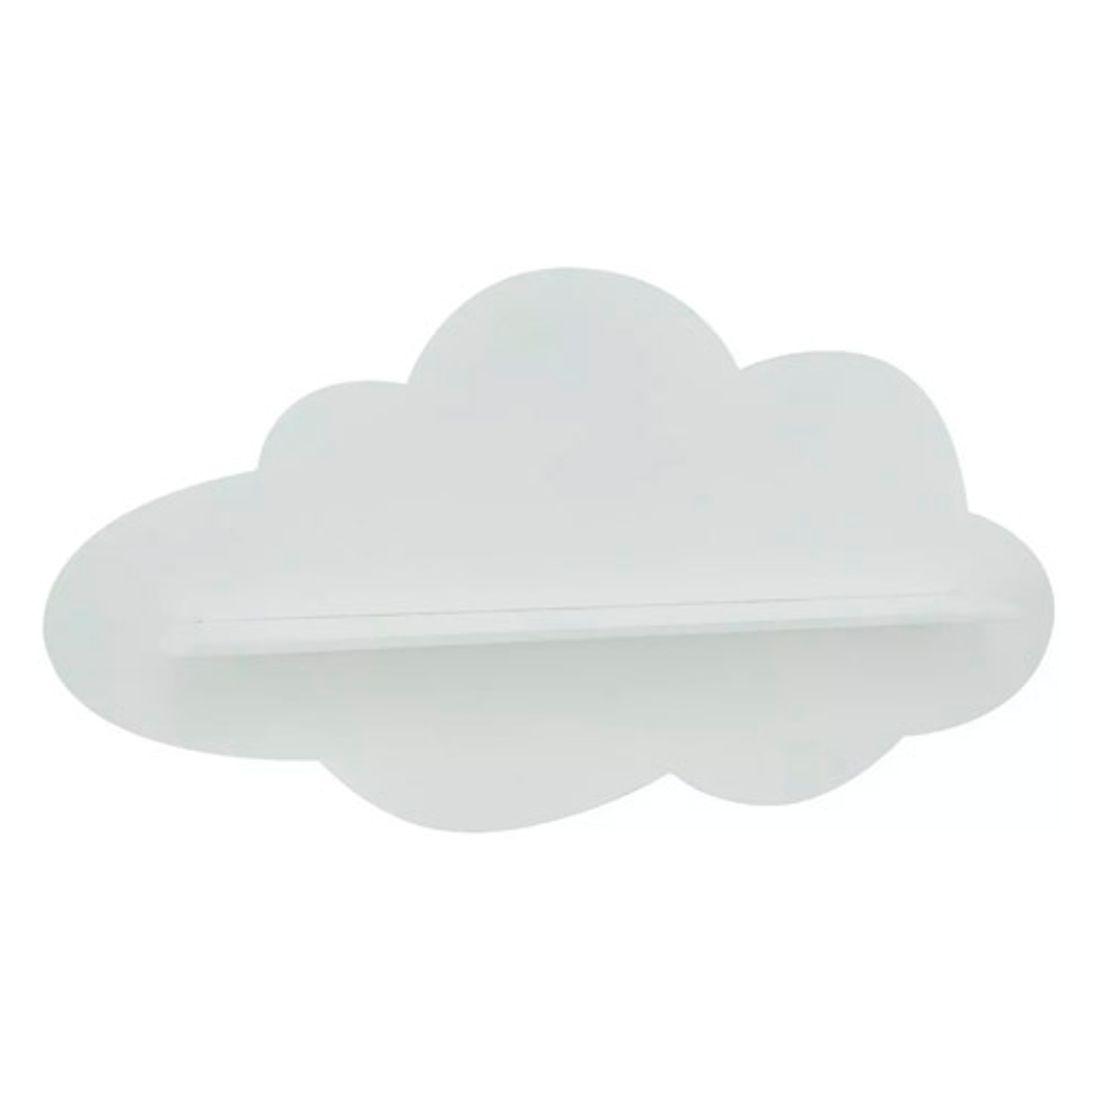 Prateleira-Nuvem-G-Decoracao-465x6-Mdf-Madeira-Pintado